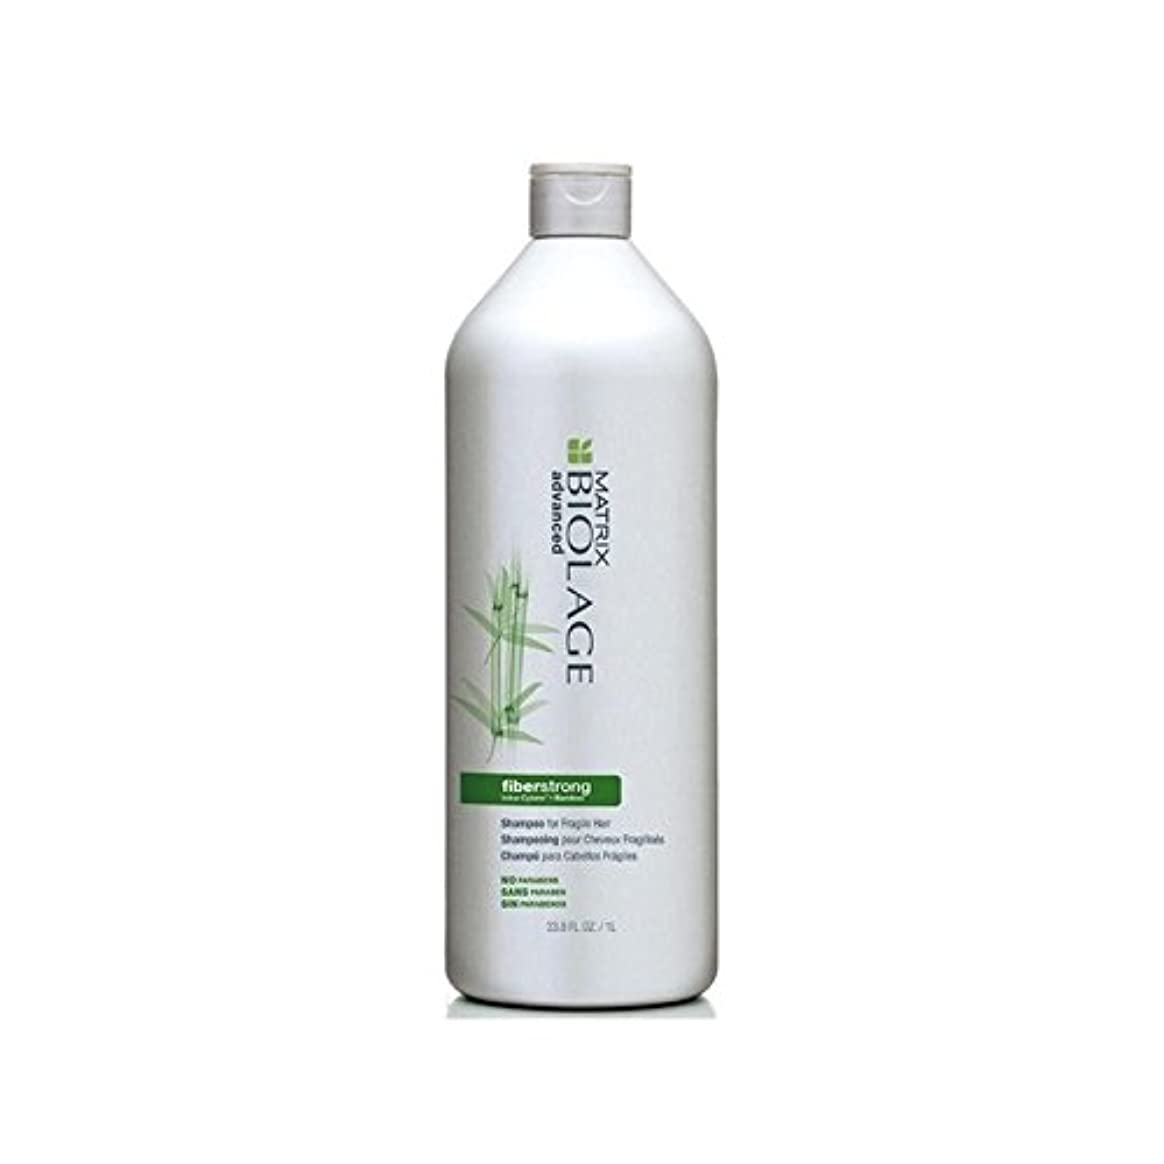 通常寛解のみポンプを有するマトリックスバイオレイジのシャンプー(千ミリリットル) x4 - Matrix Biolage Fiberstrong Shampoo (1000ml) With Pump (Pack of 4) [並行輸入品]